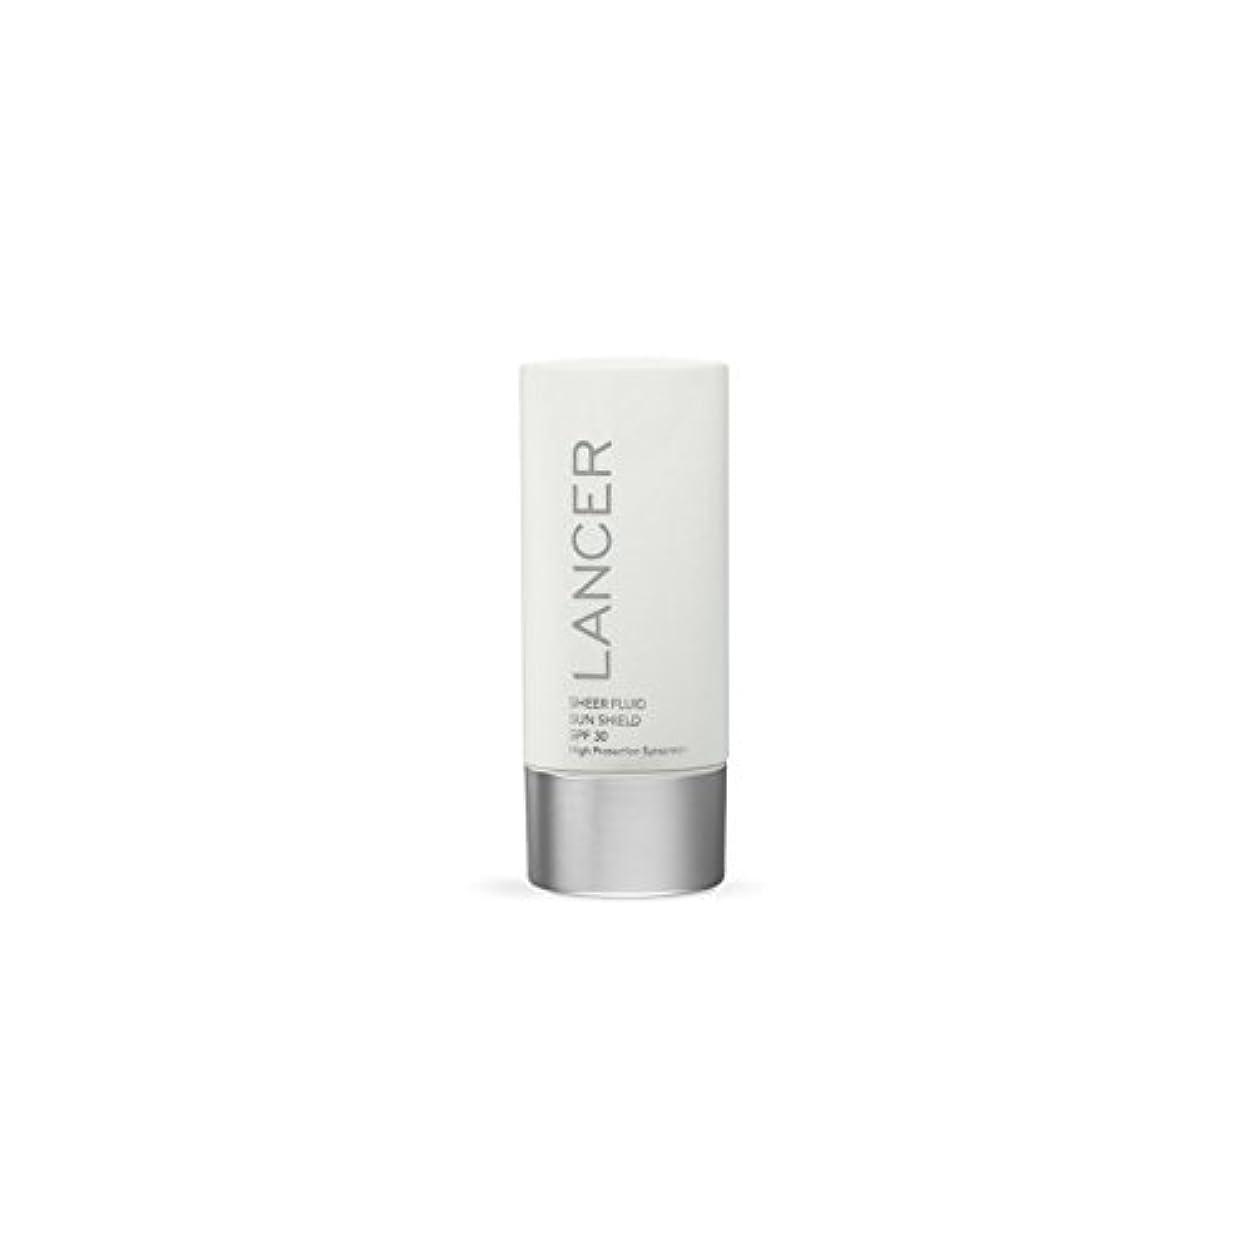 割る正気カイウスLancer Skincare Sheer Fluid Sun Shield Spf 30 (60ml) (Pack of 6) - ランサースキンケア切り立った流体サンシールド 30(60ミリリットル) x6 [並行輸入品]